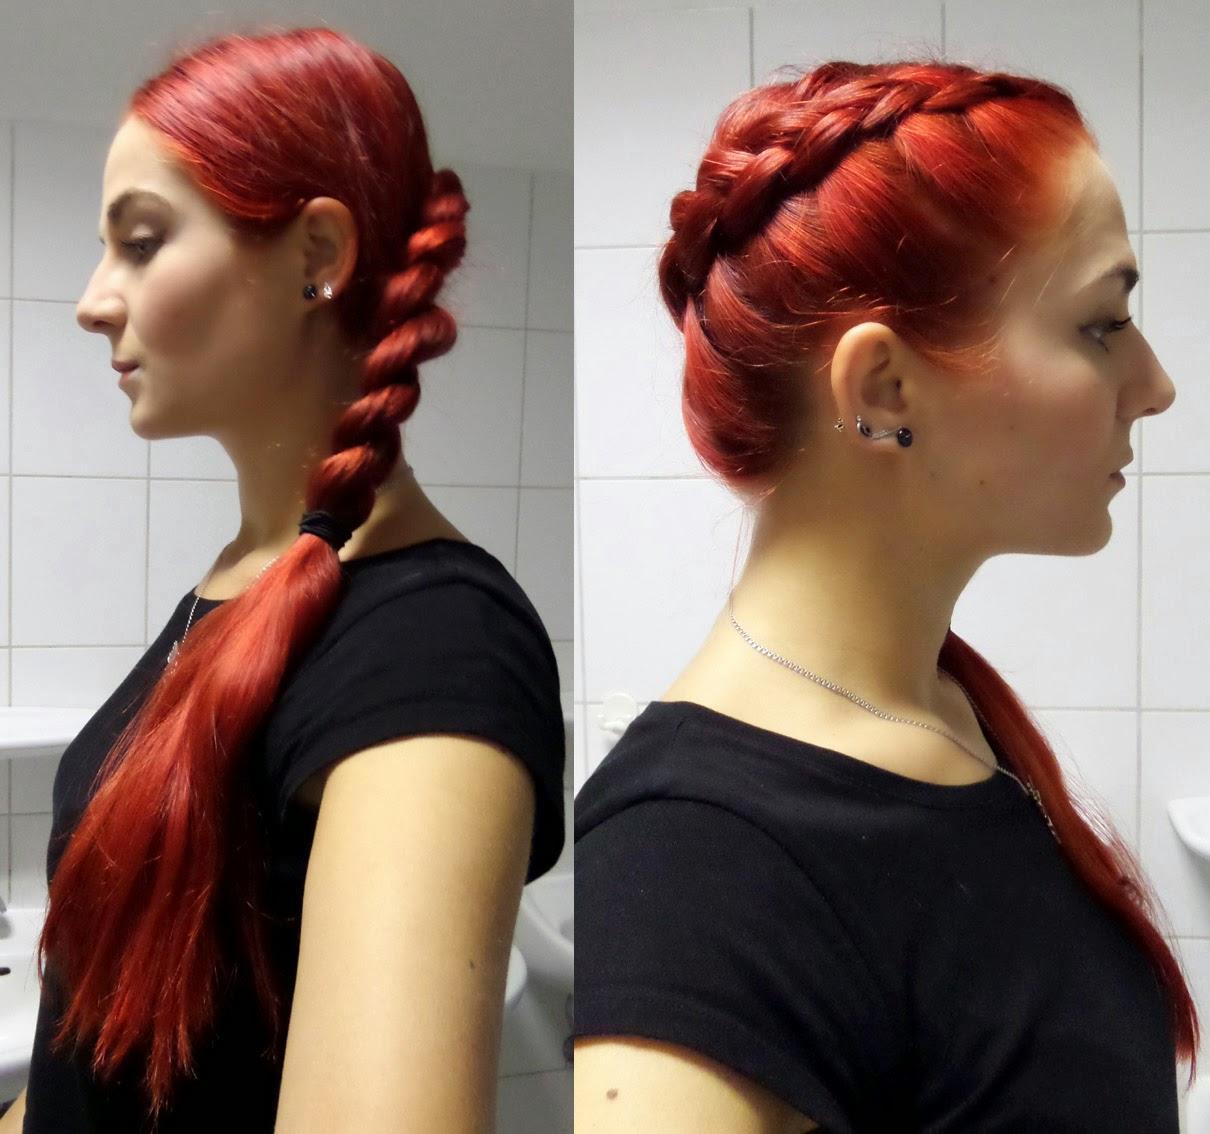 [Mädchenkram] Haare - Sonntagsfrisur #4